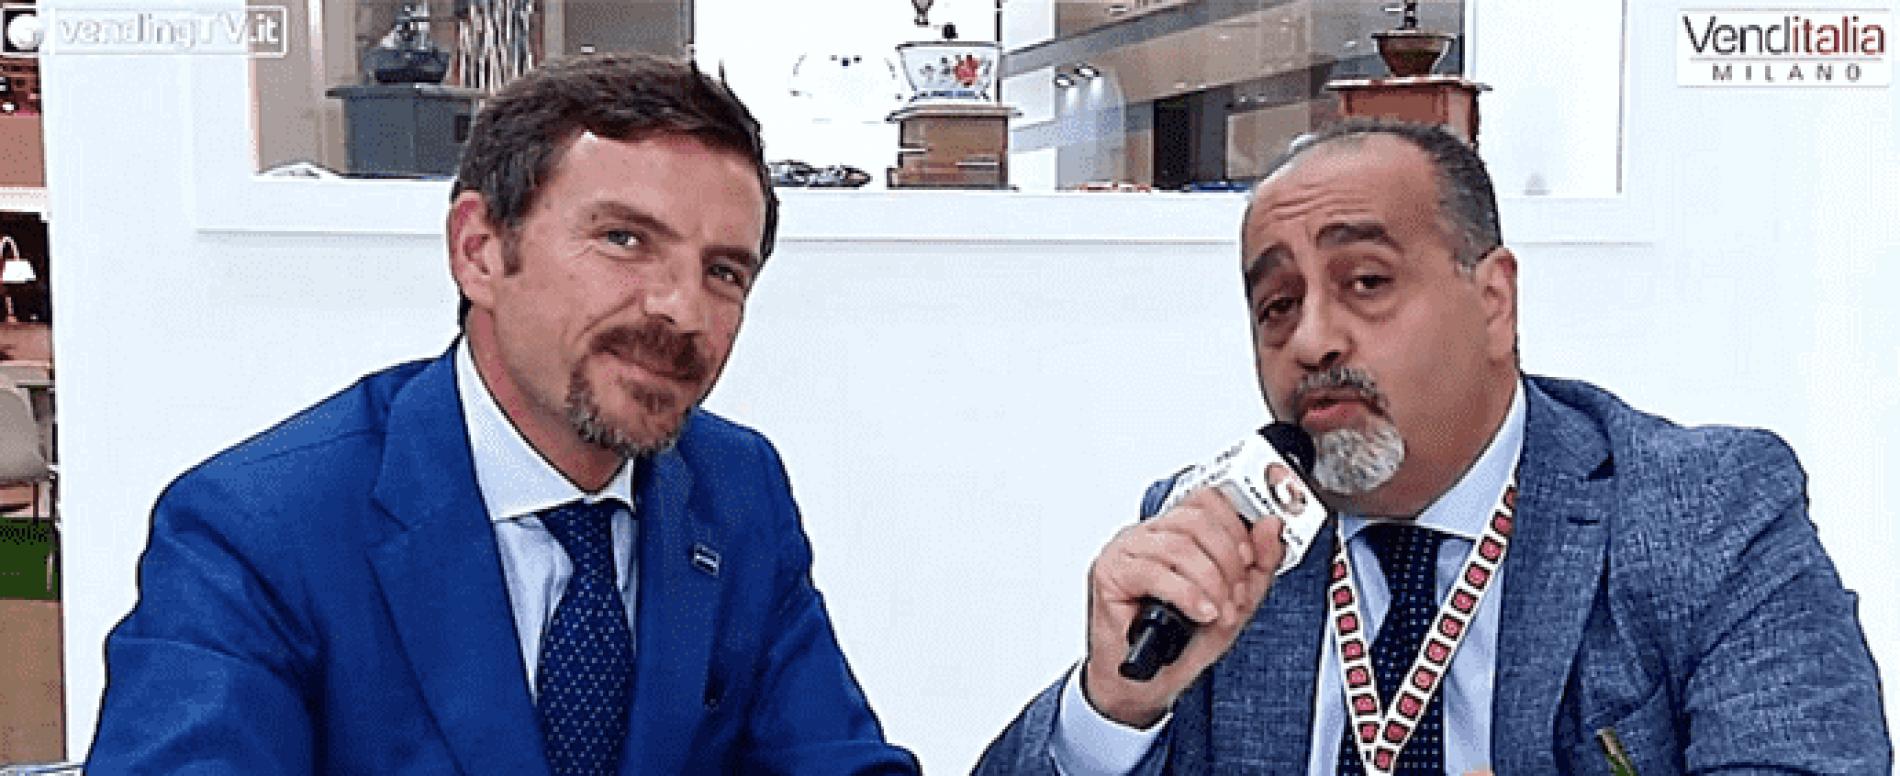 Venditalia 2018. Intervista con Massimo Renda di Caffè Borbone